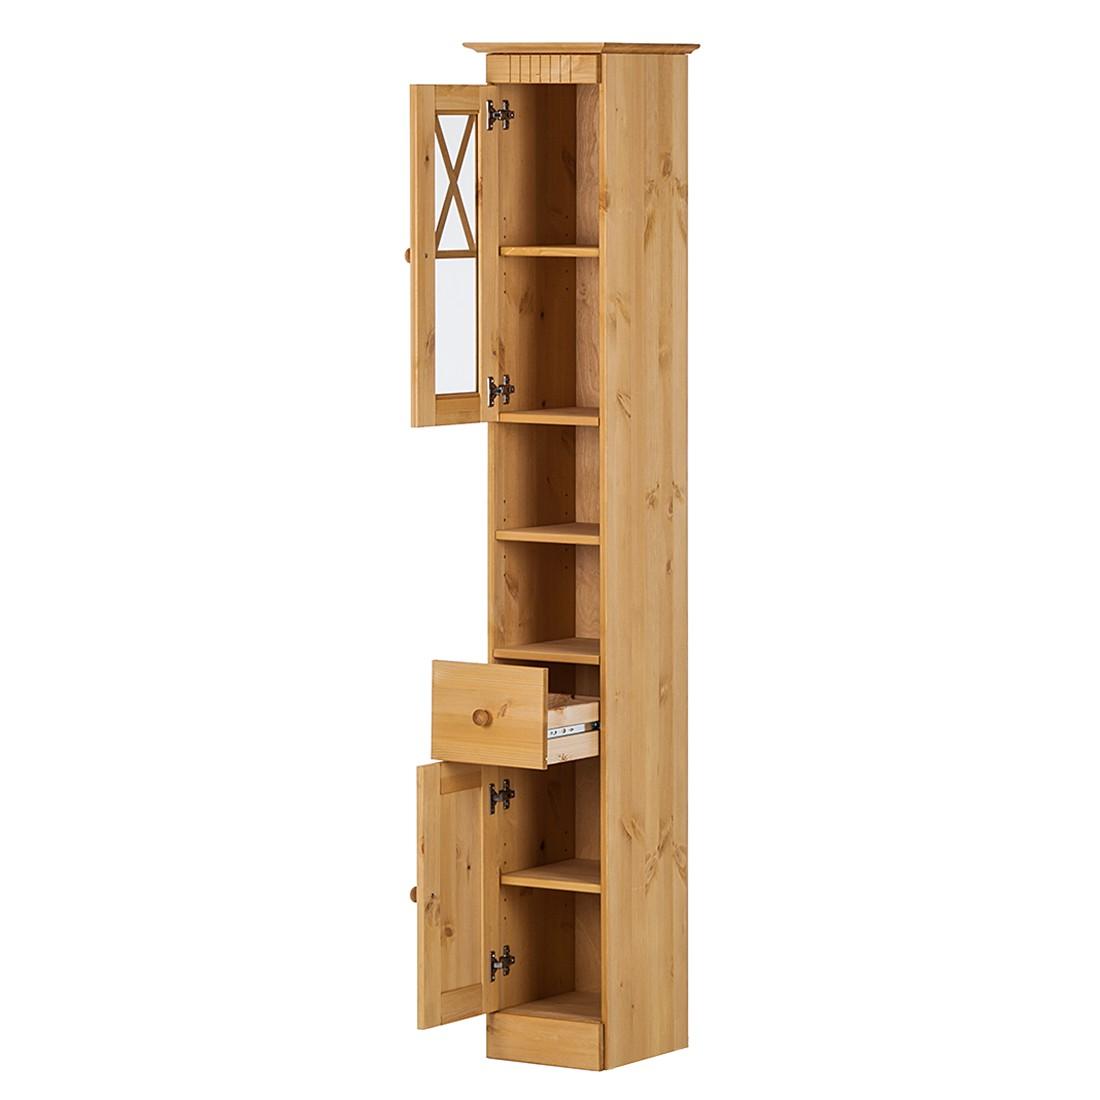 hochschrank senna kiefer massiv gebeizt gewachst kommode sideboard anrichte ebay. Black Bedroom Furniture Sets. Home Design Ideas